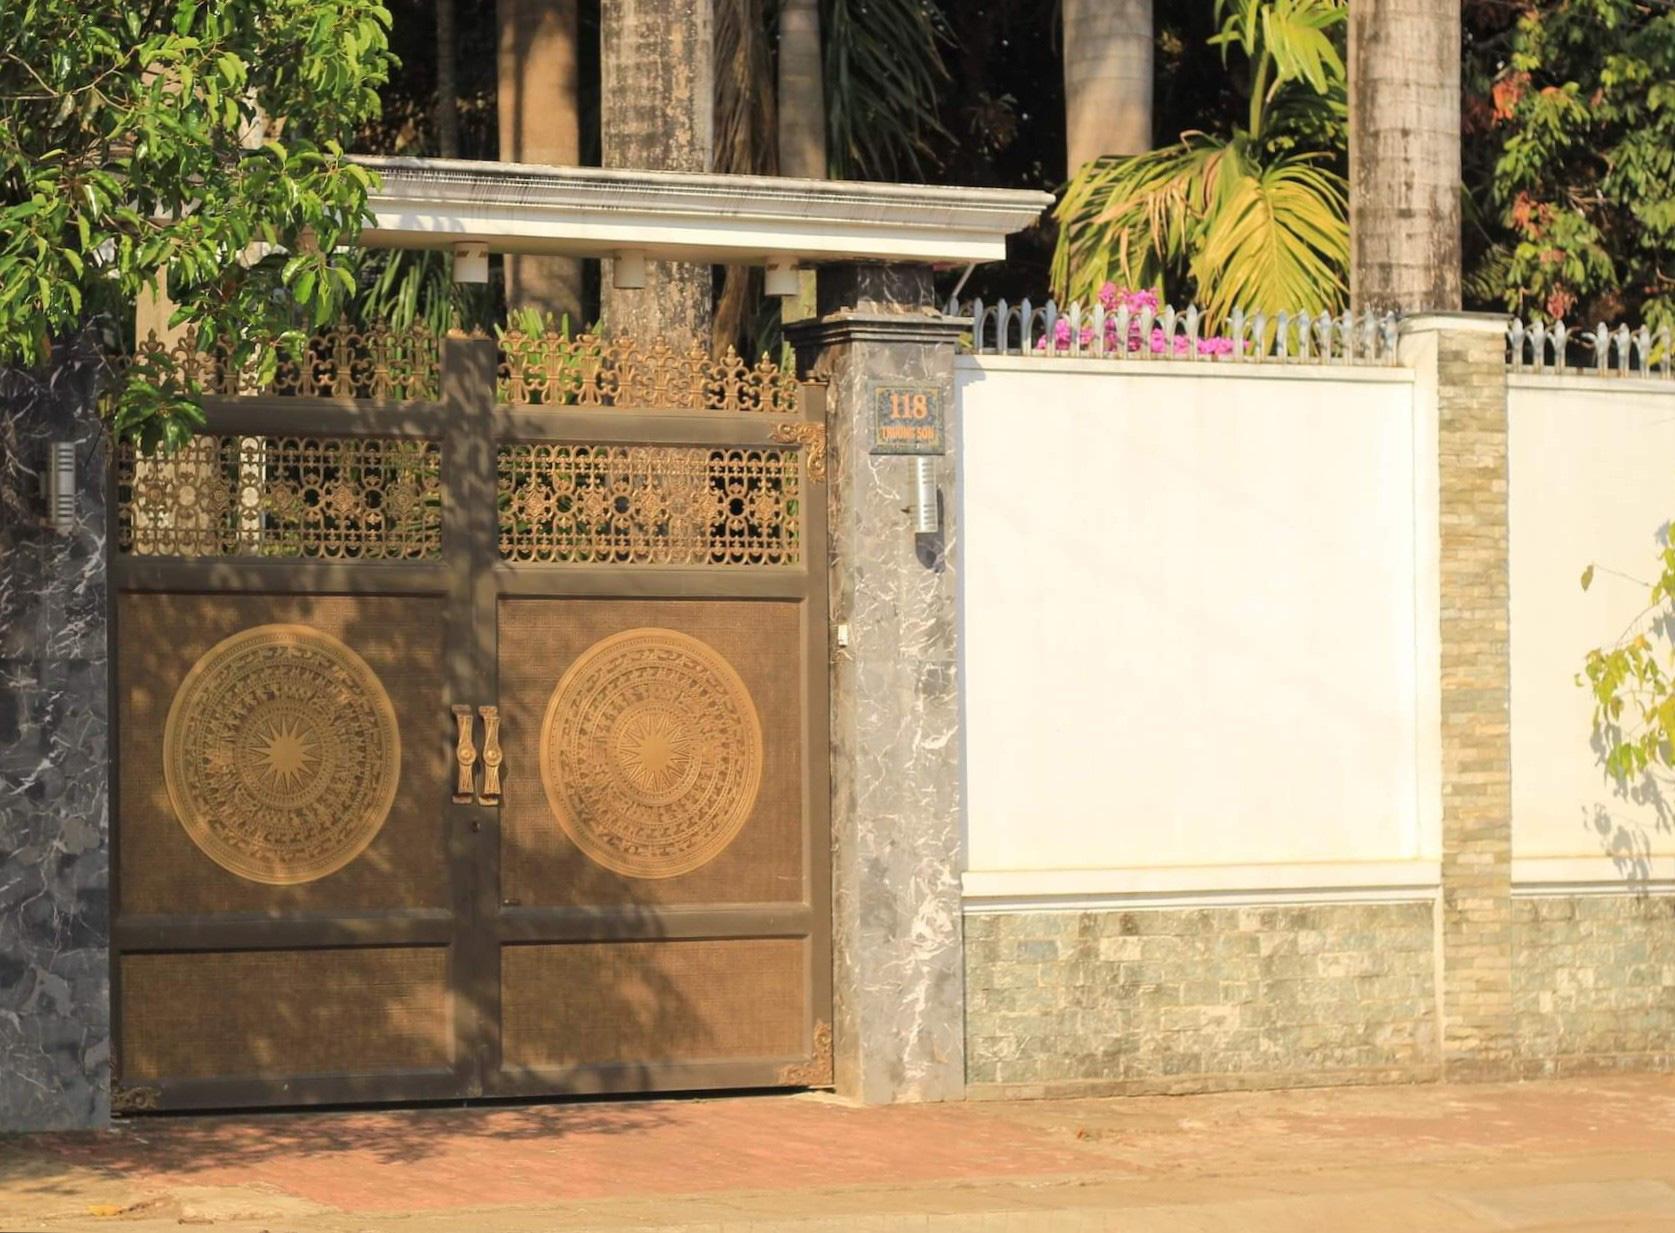 Rà soát đất đai, nhà cửa cựu Đại tá quân đội Phạm Văn Giang - Ảnh 2.